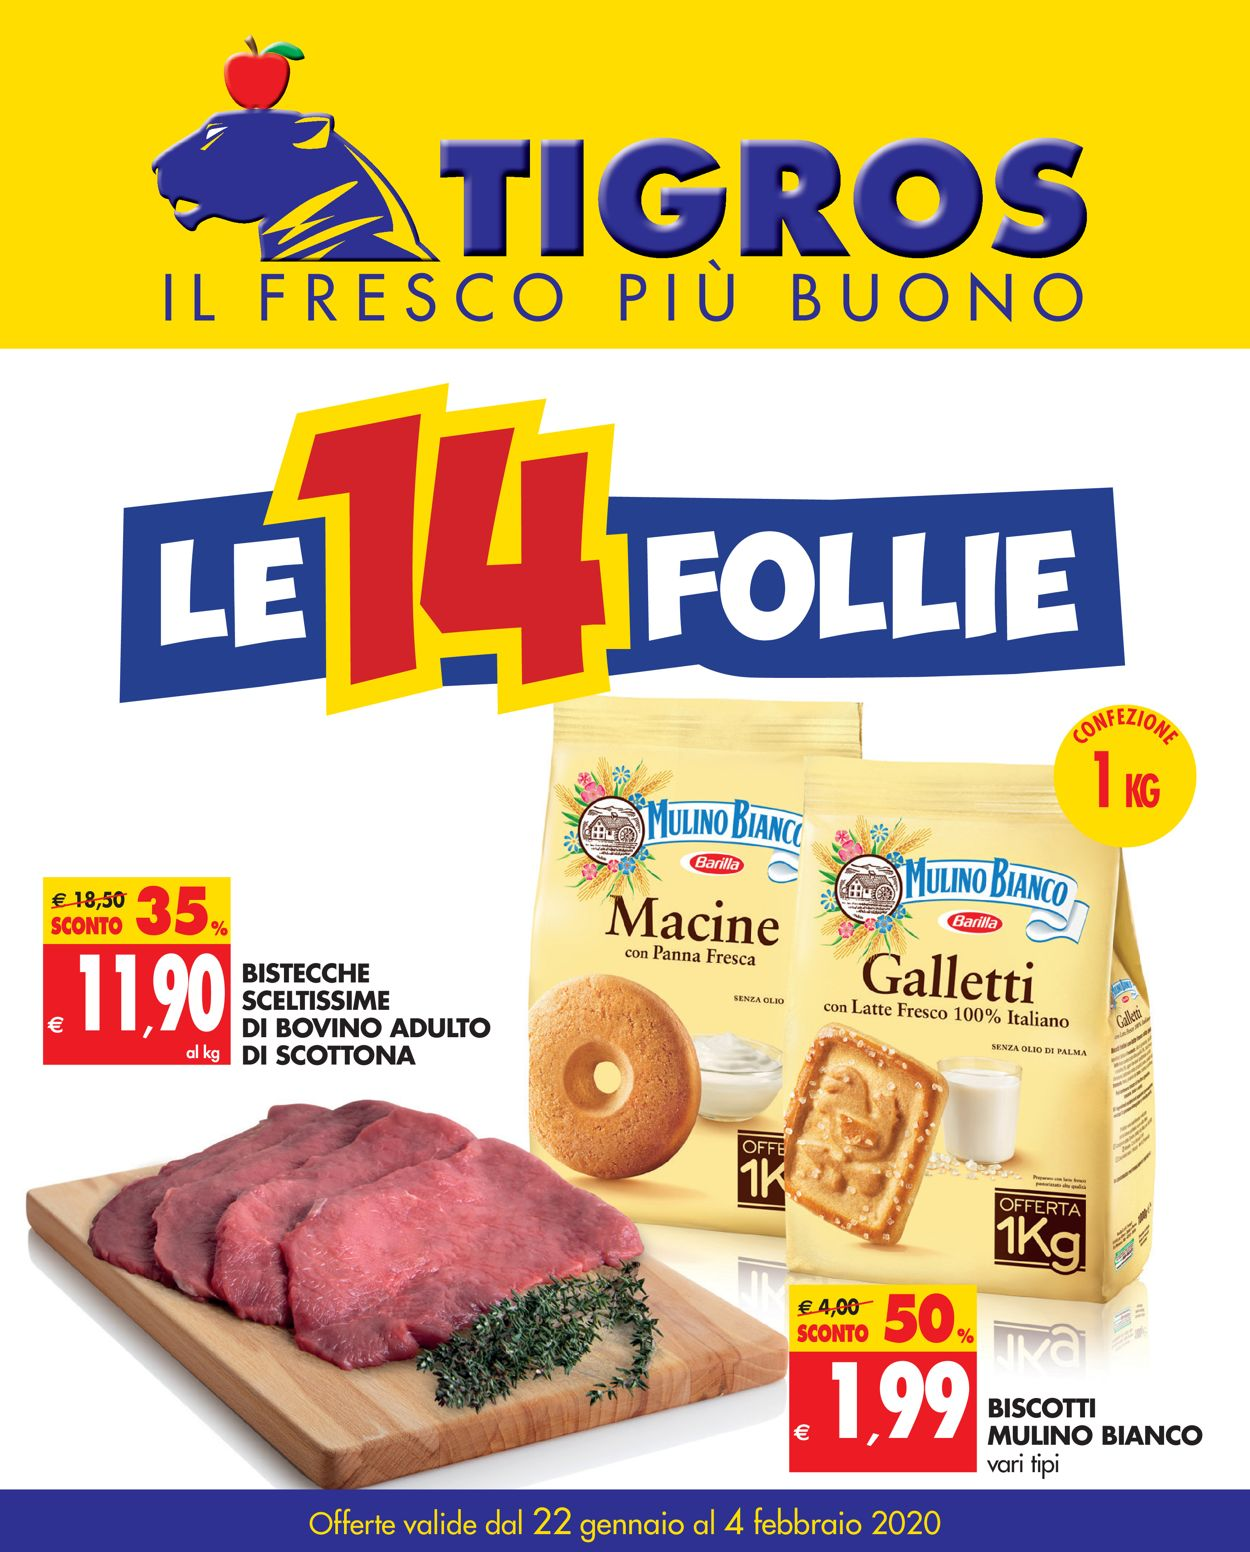 Volantino Tigros - Offerte 22/01-04/02/2020